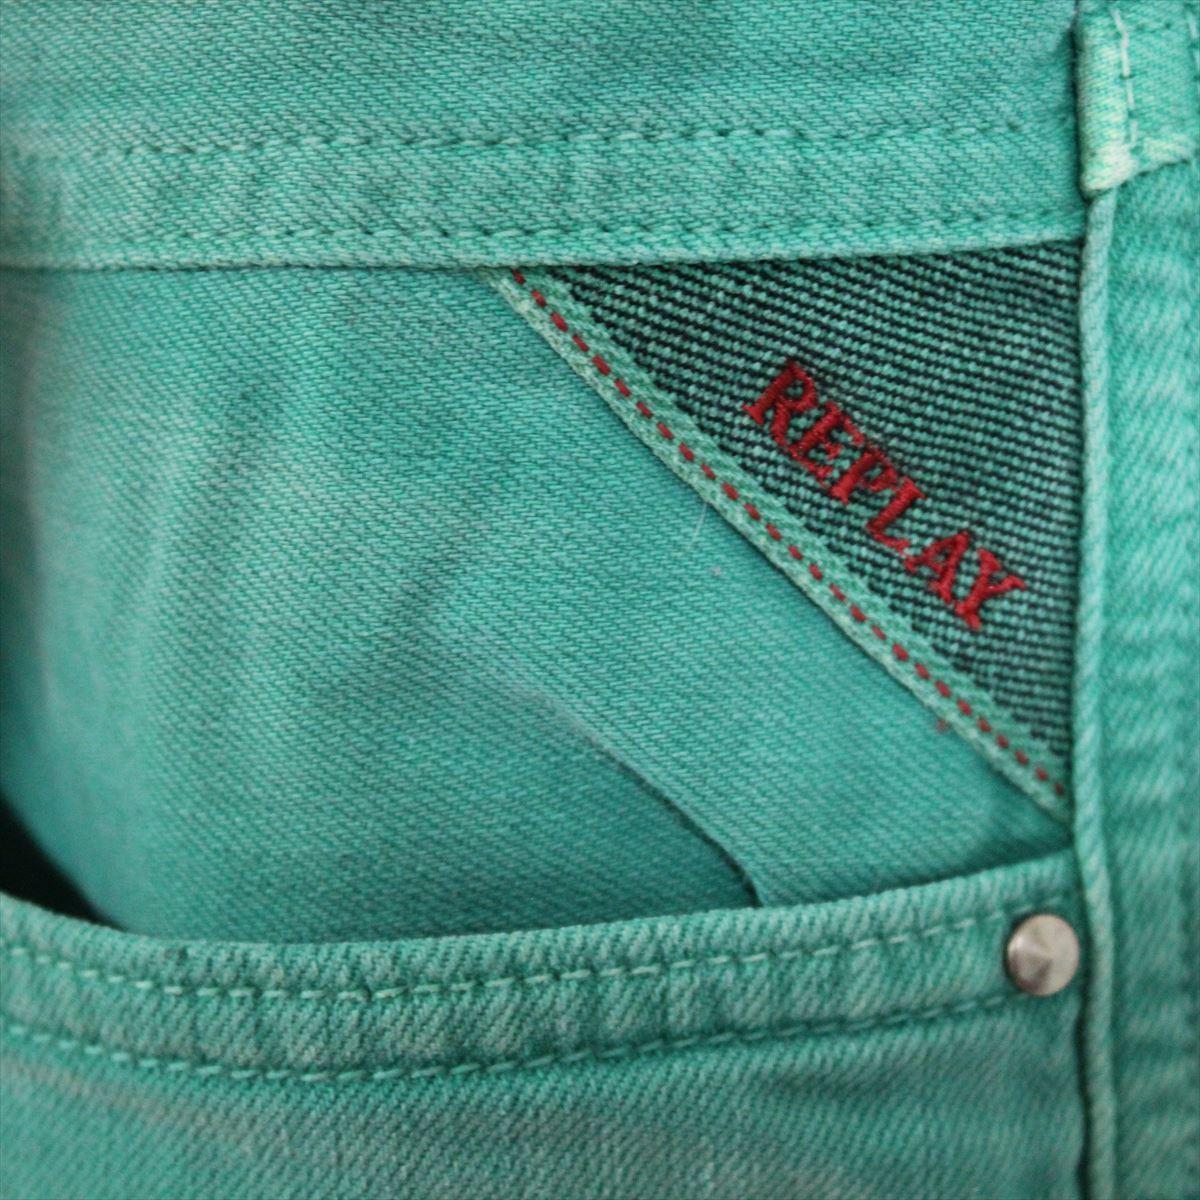 リプレイ REPLAY メンズカラーパンツ ジーンズ デニムパンツ SLIM グリーン 30インチ 新品 REPLAY BLUE JEANS anbass slim jeans_画像3